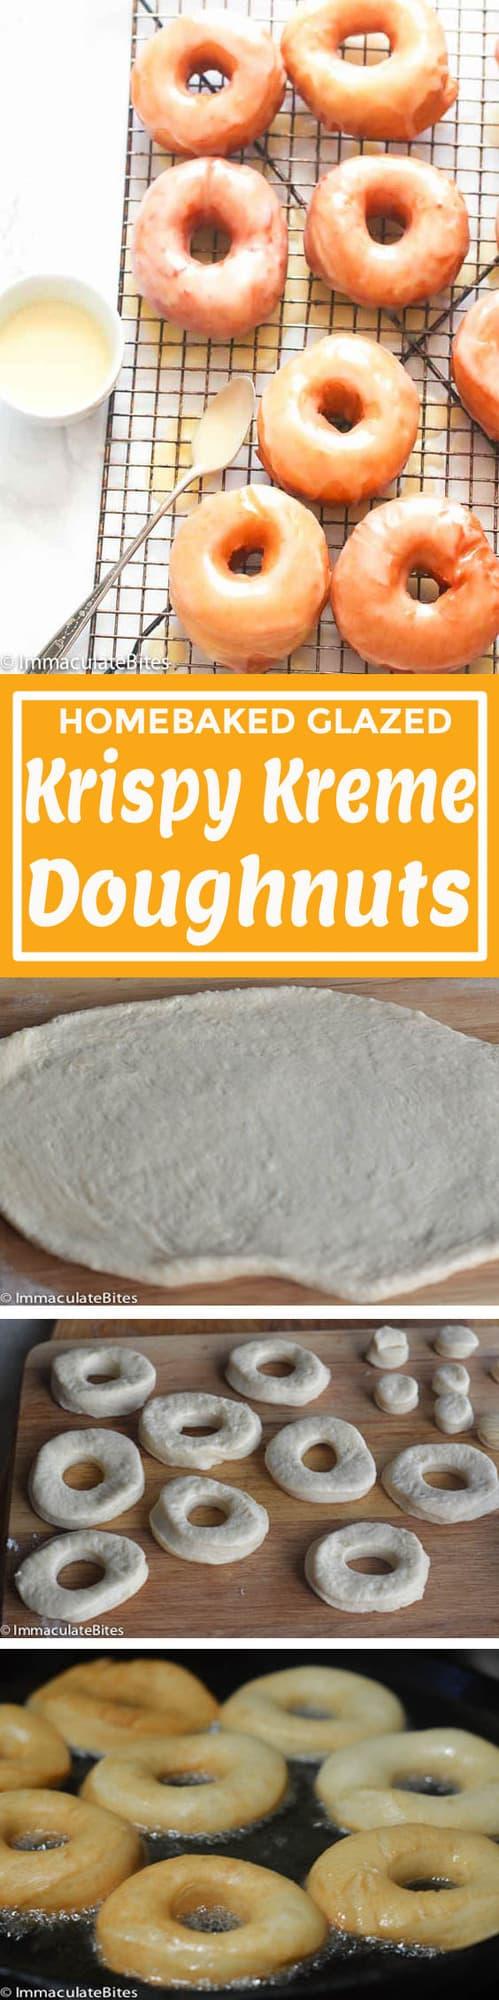 Krispy Kreme Doughnut Copycat